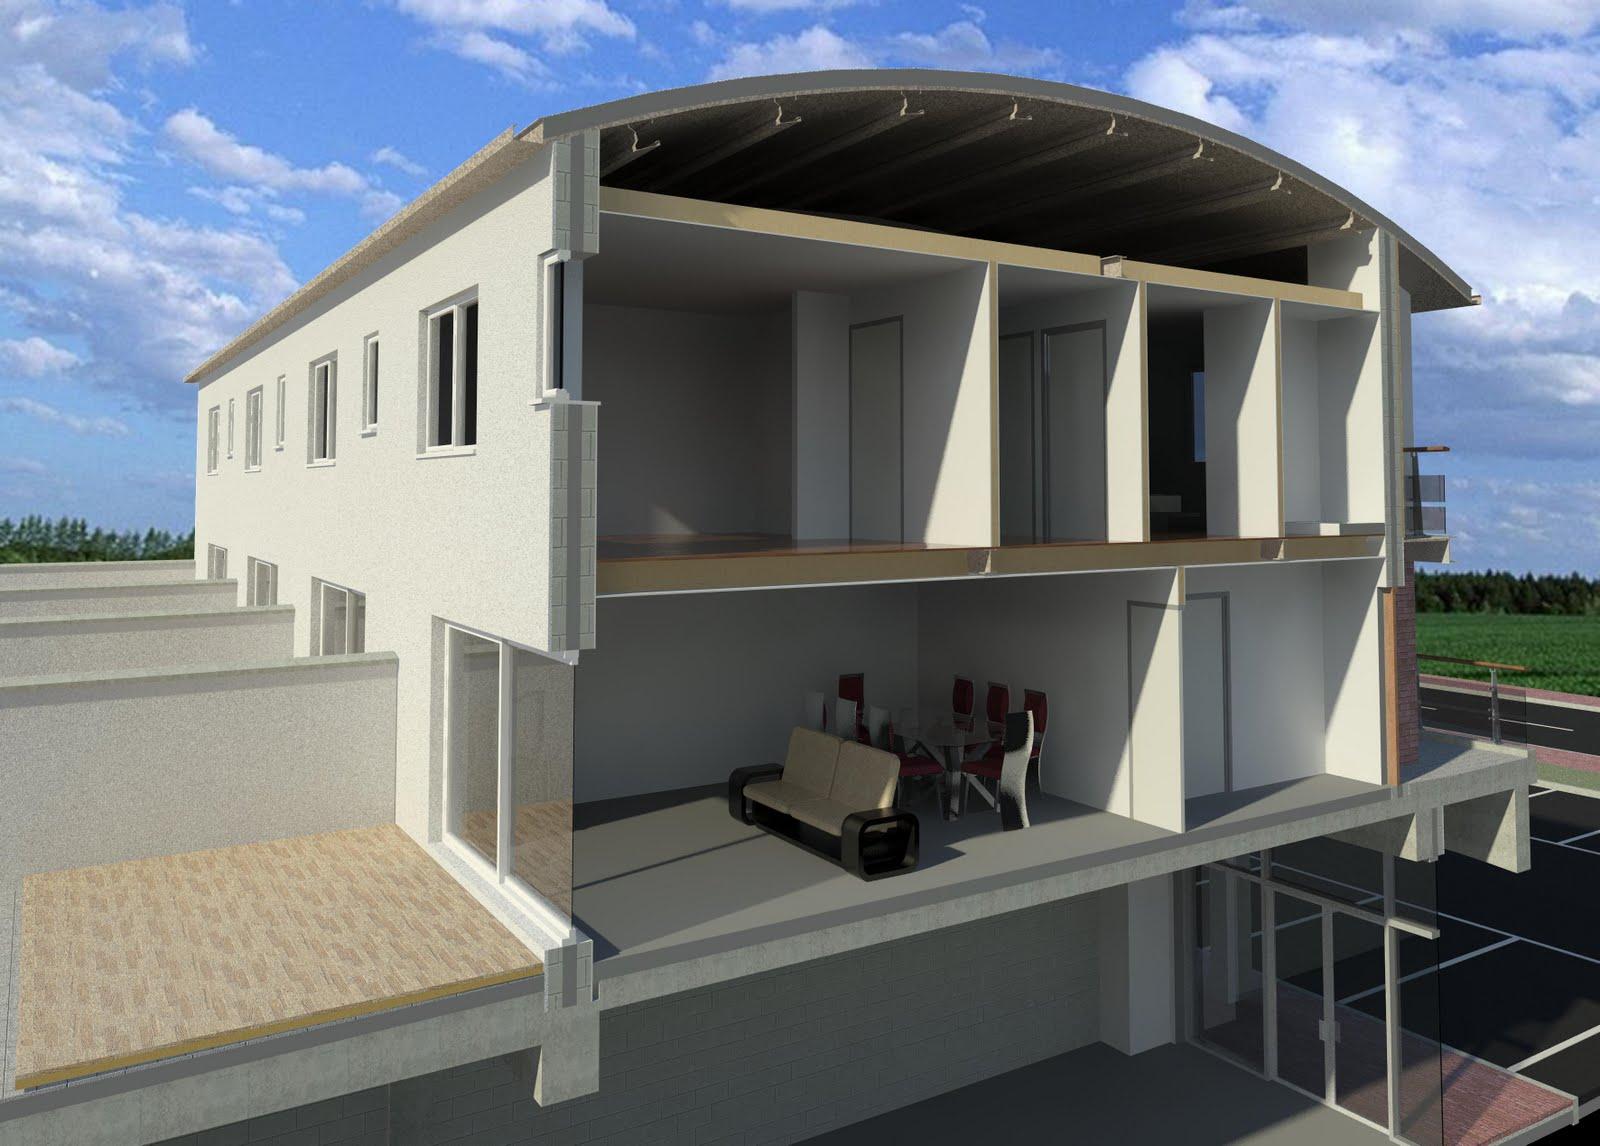 Revit detail 06 1 revit project the experiment intro for Revit architecture modern house design 8